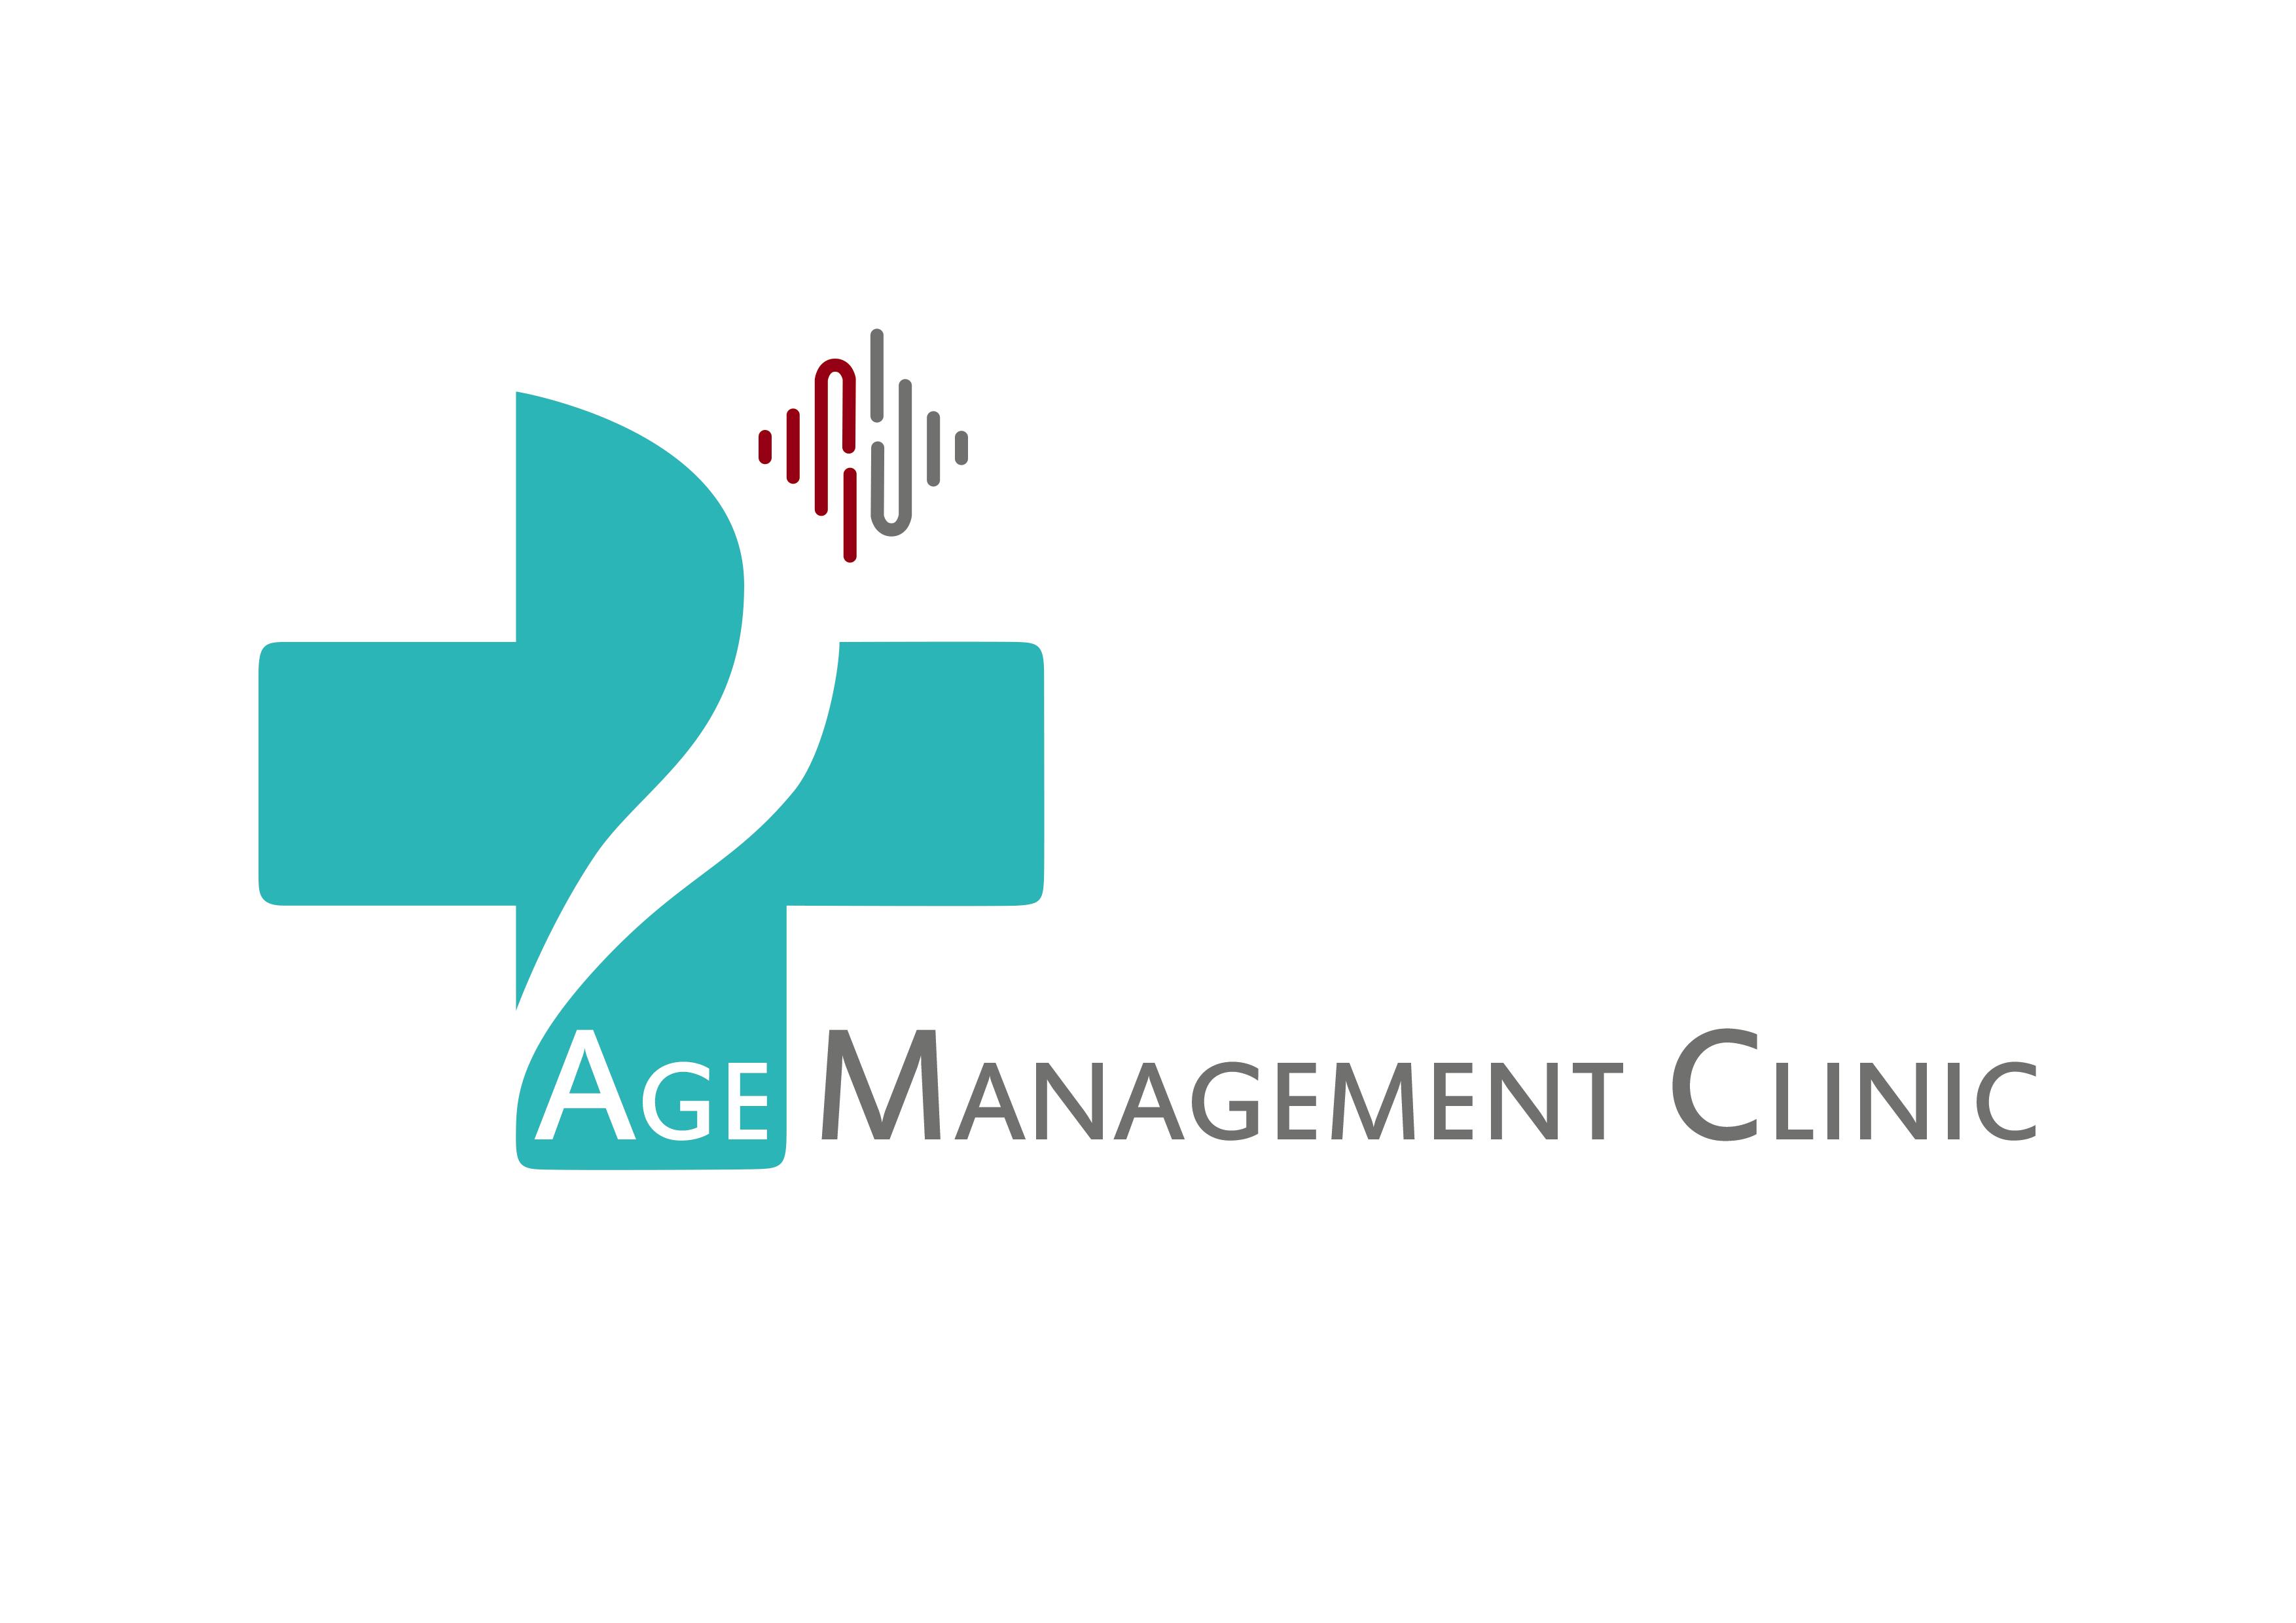 Логотип для медицинского центра (клиники)  фото f_2635b99198a4ff3b.png